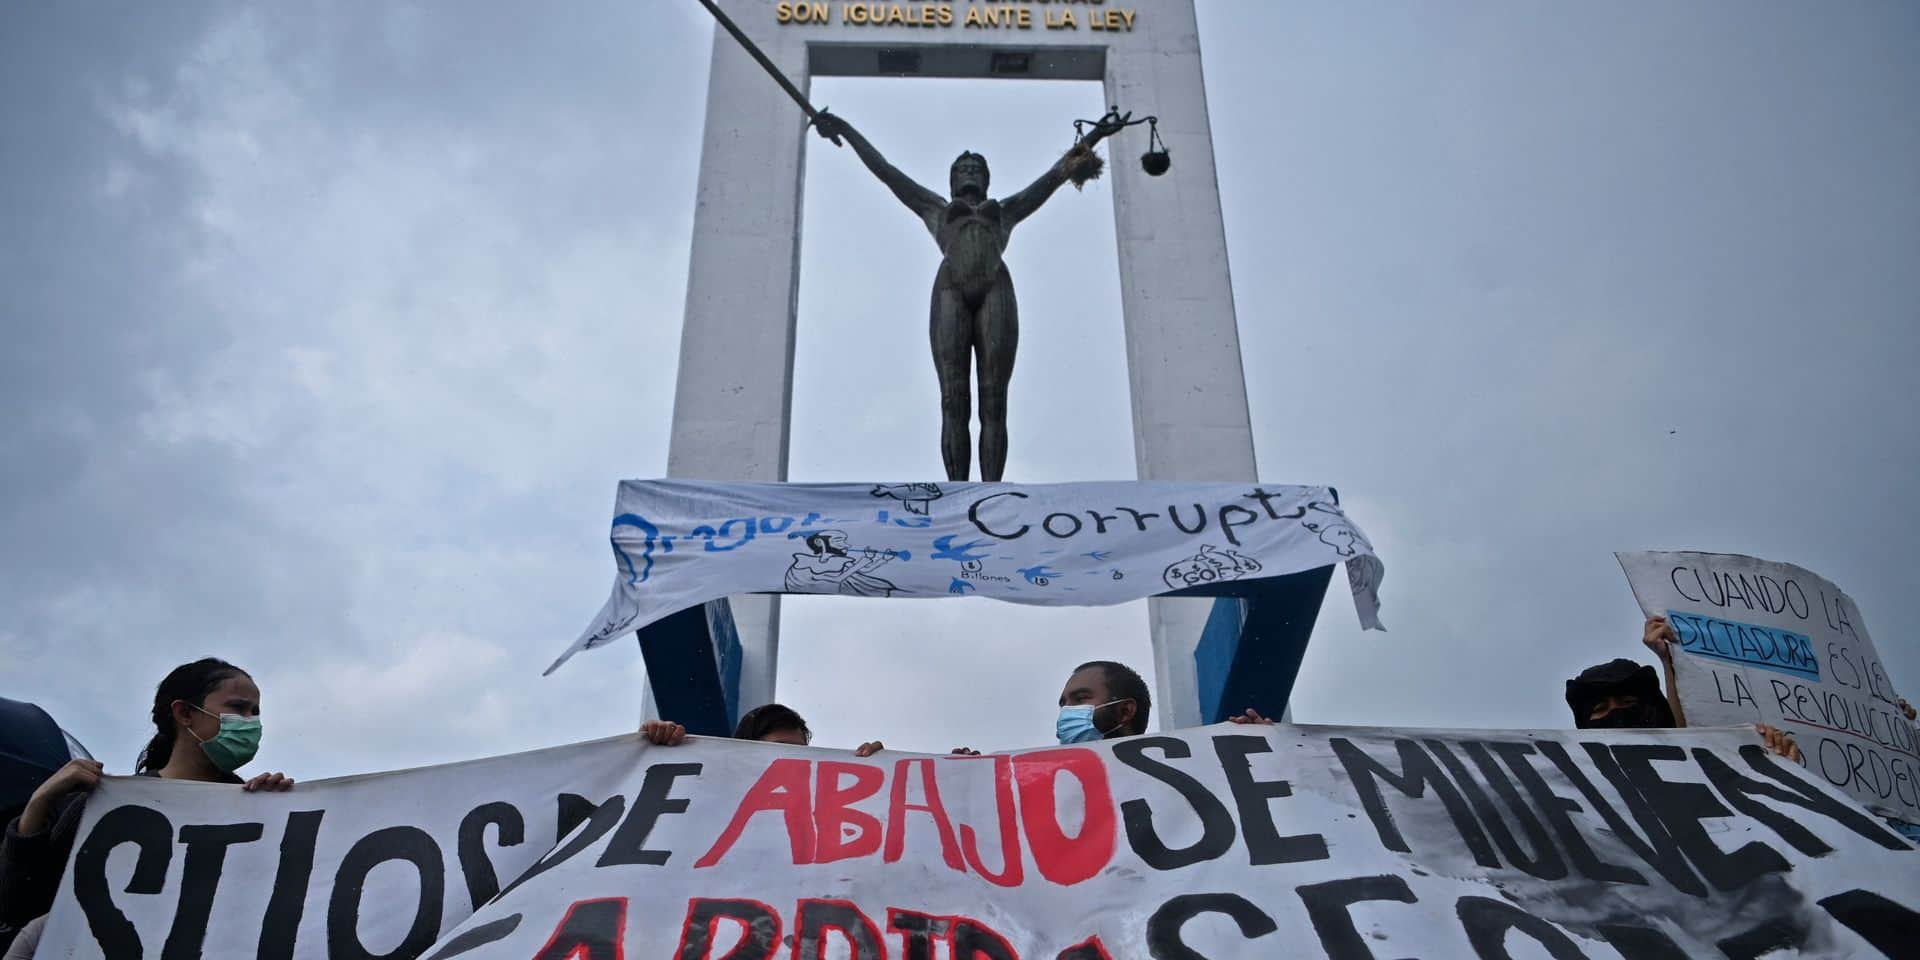 Coup de force contre le pouvoir judiciaire au Salvador